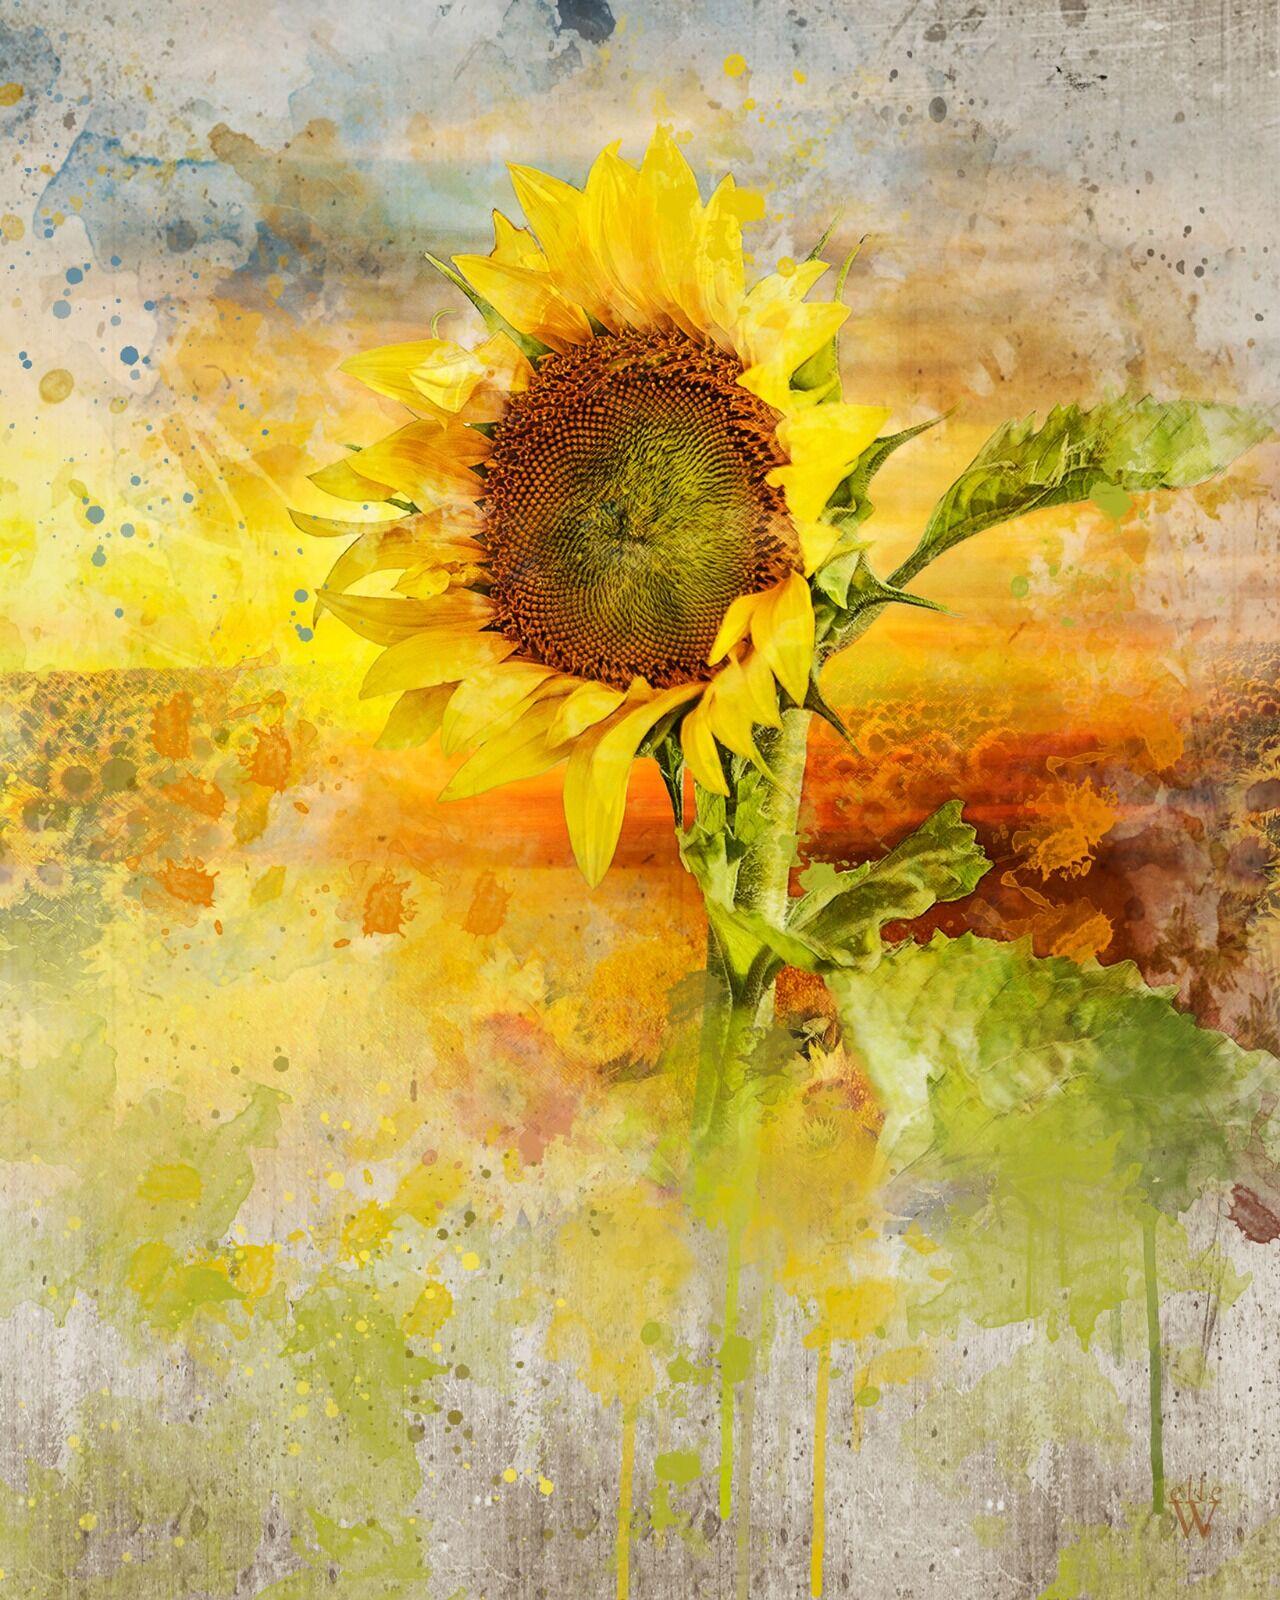 Sunflower - Mixed Art Effect